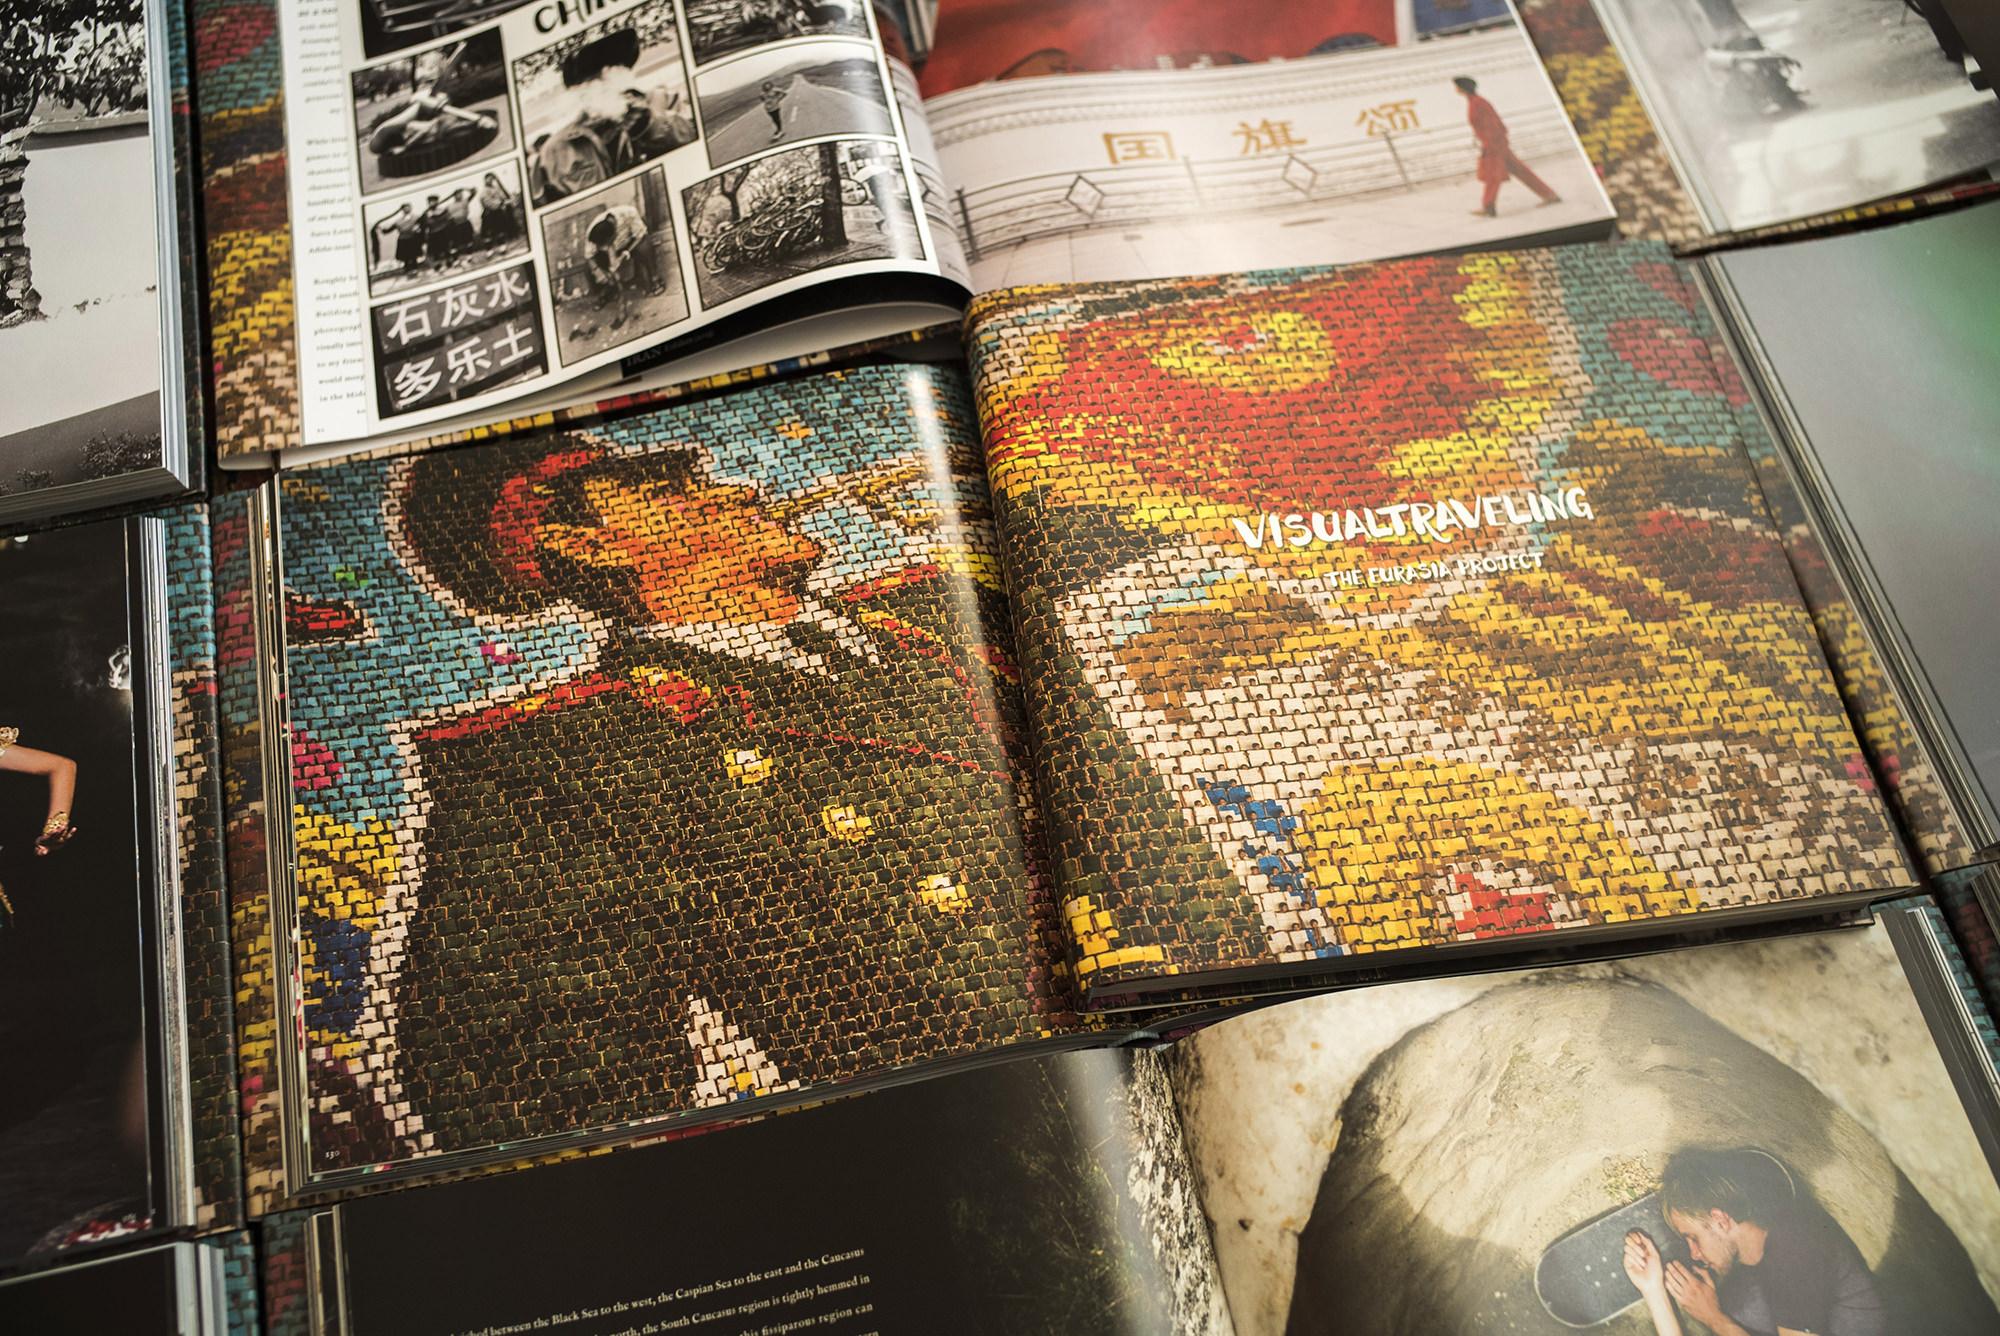 Digital Patrik Wallner 2018 Eurasia Book 2 LOWQ-1